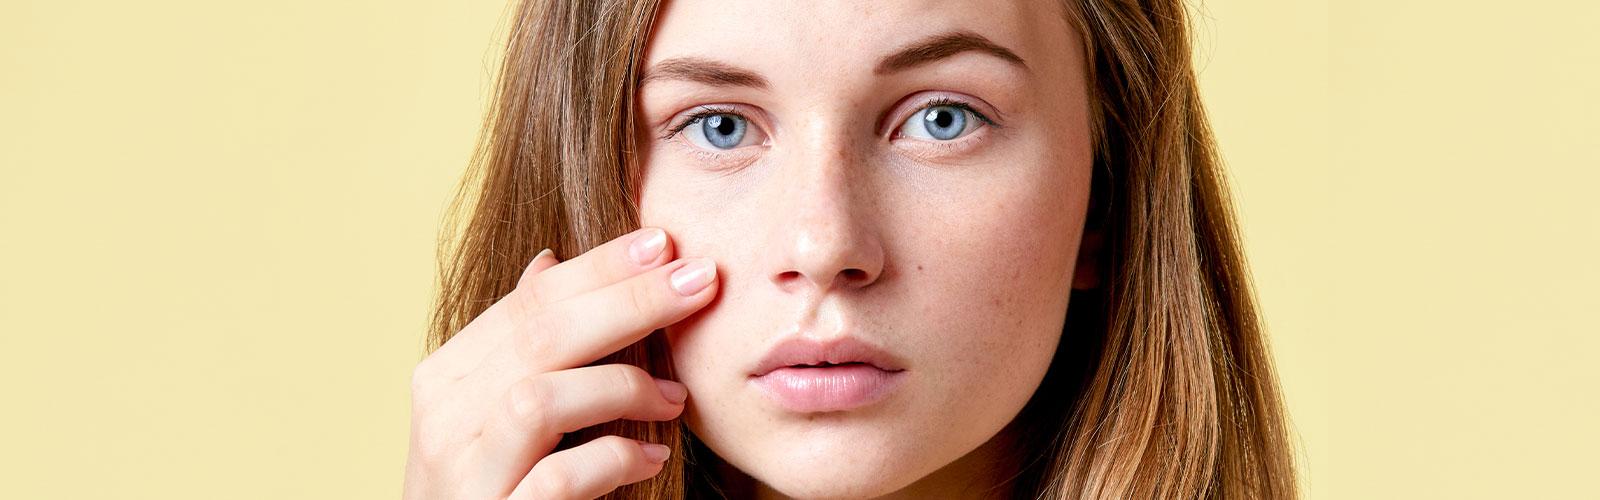 14 gestes simples pour prendre soin de sa peau